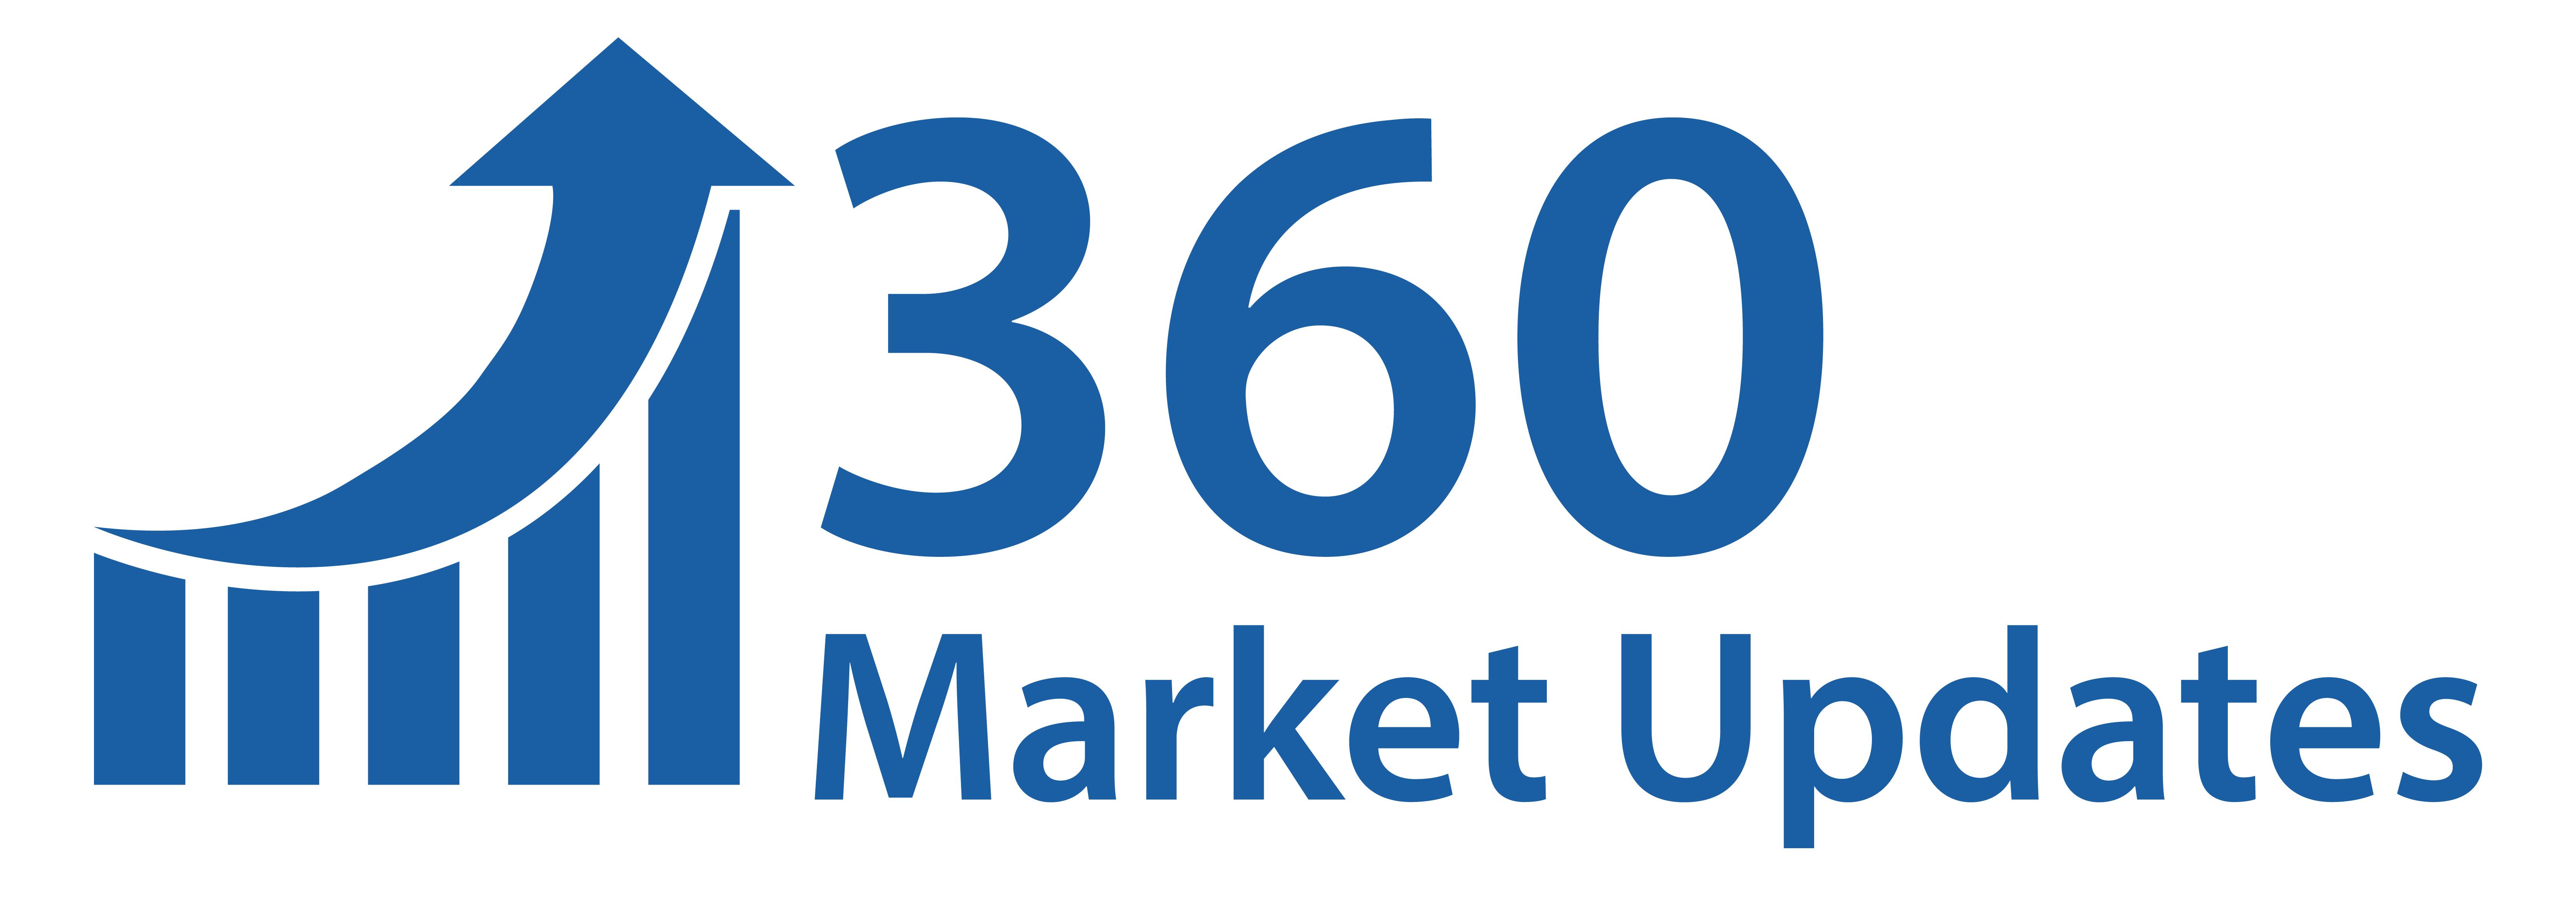 22650 Zylindrischer Lithium-Ionen-Batteriemarkt 2020 Aktie, Scope, Stake, Trends, Branchengröße, Umsatz & Umsatz, Wachstum, Chancen und Nachfrage mit Wettbewerbslandschafts- und Analyse-Forschungsbericht | 360 Markt-Updates